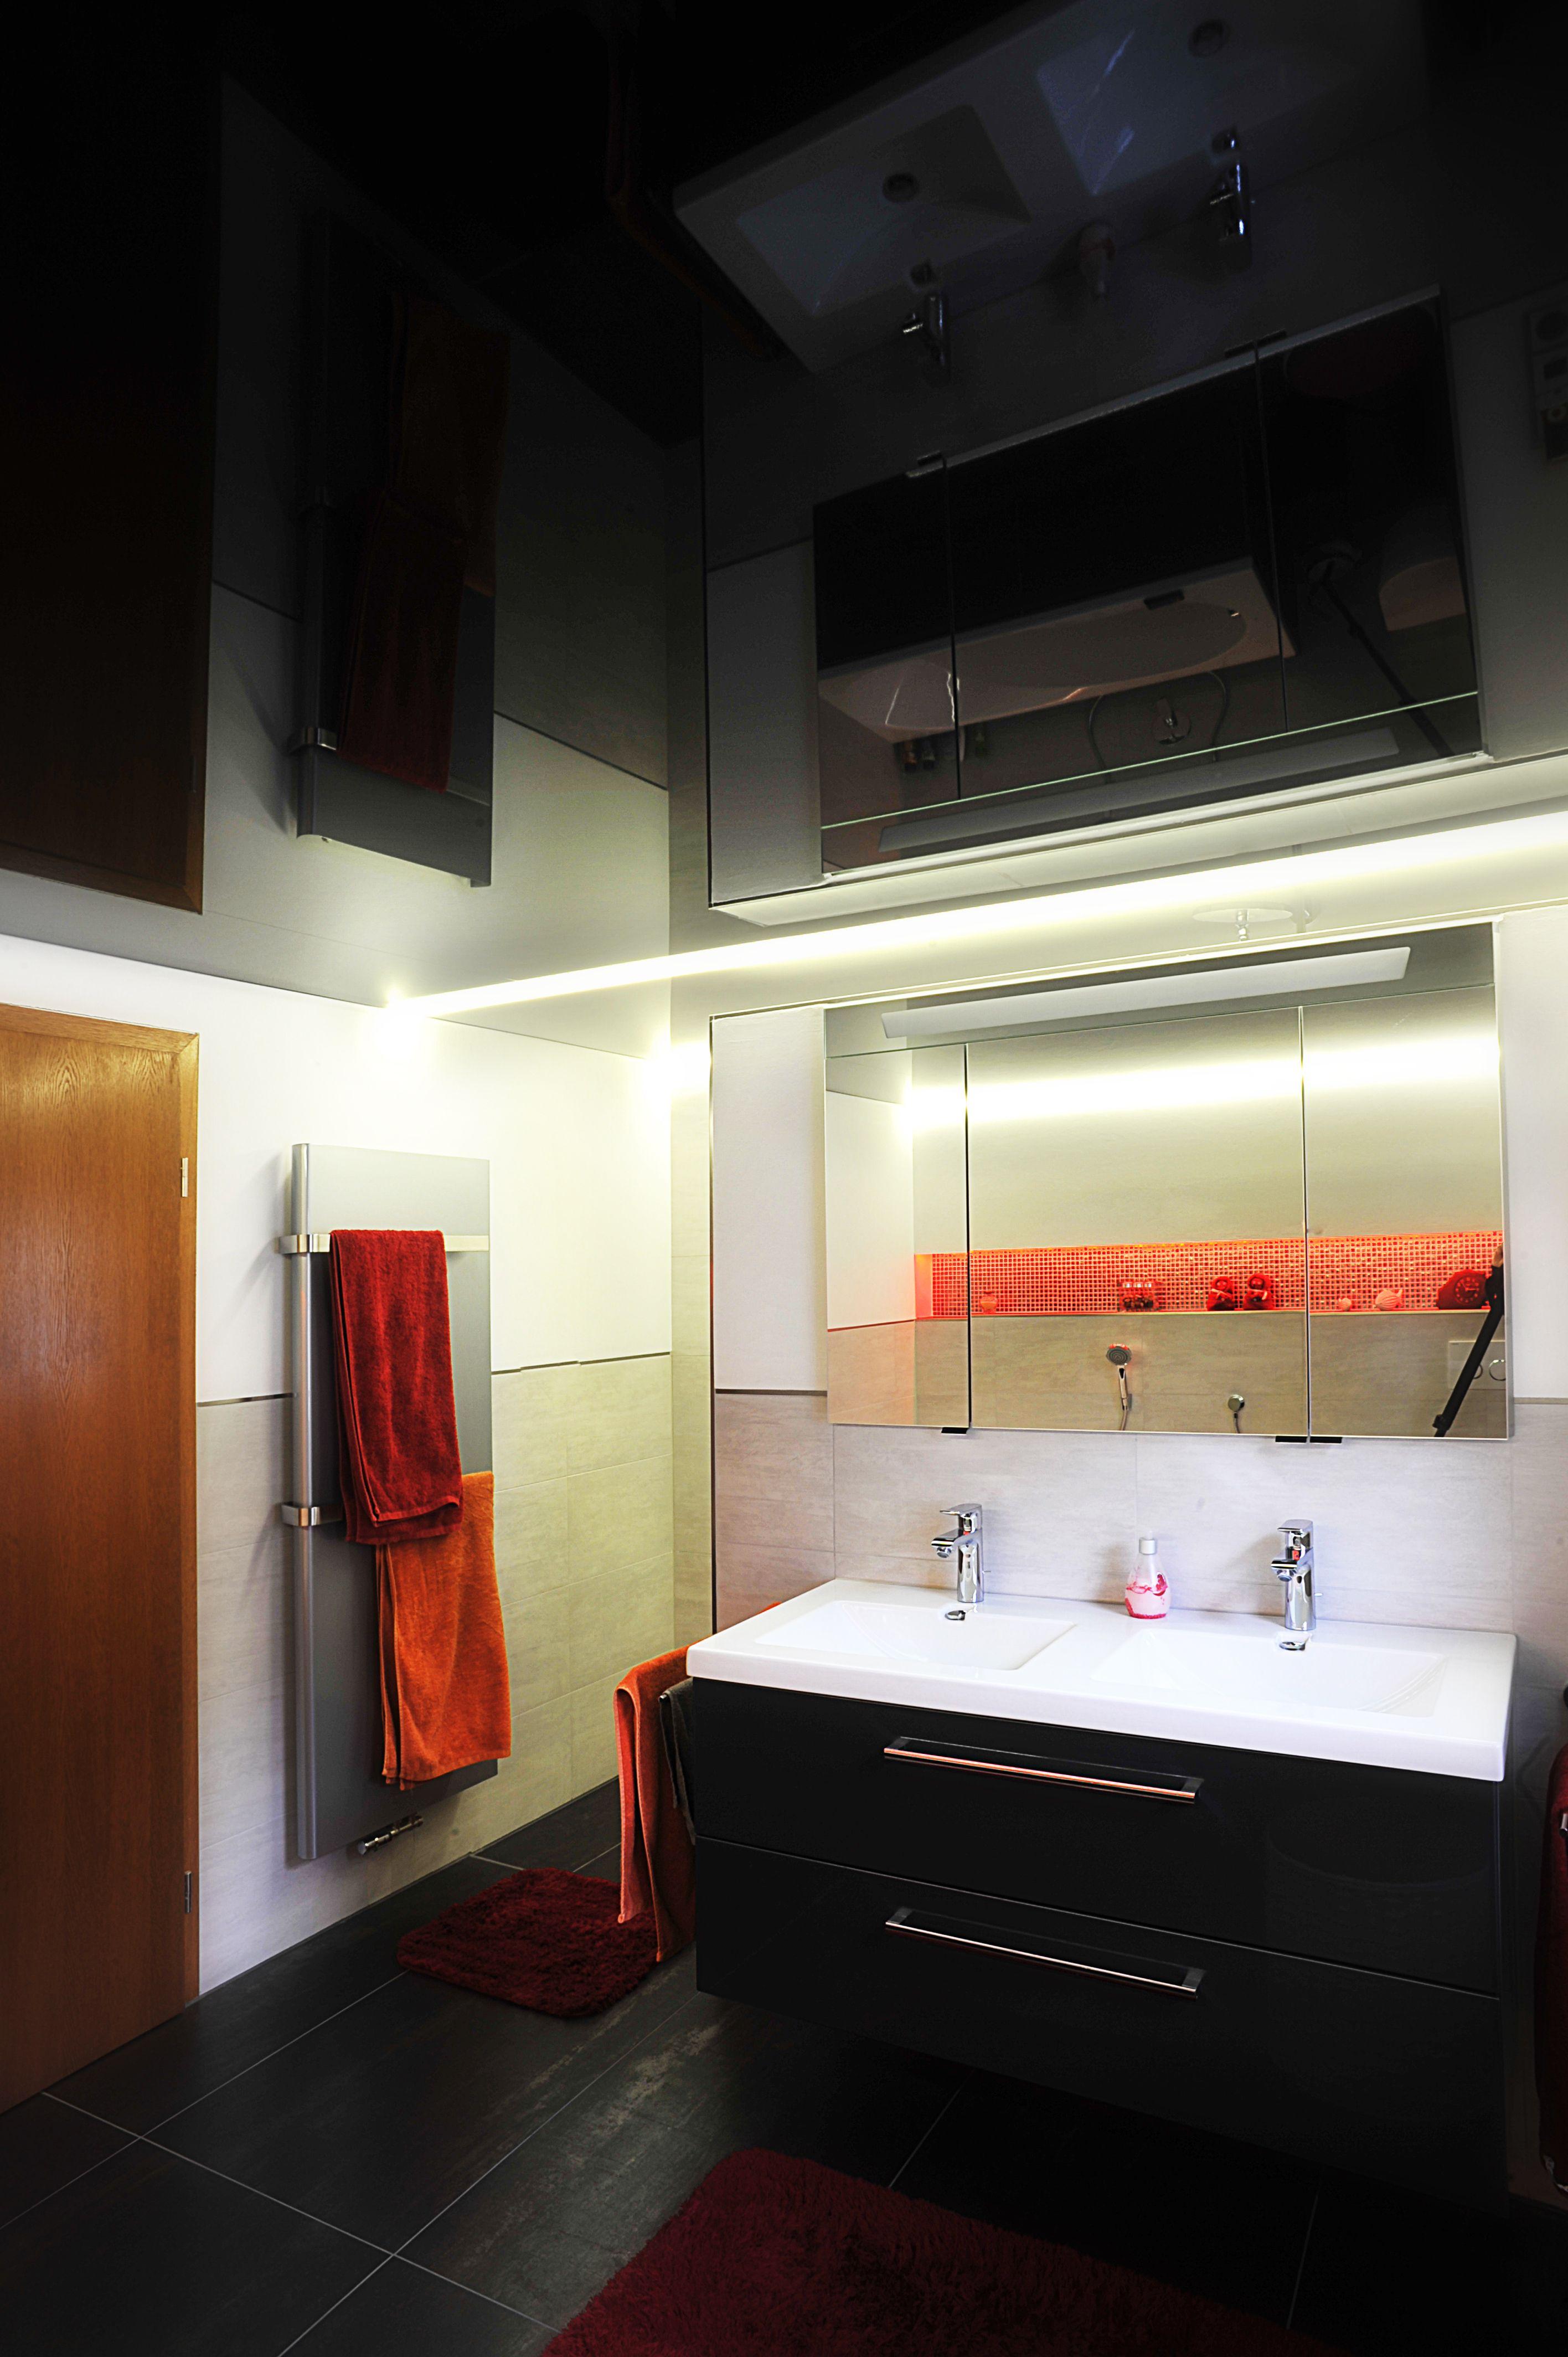 Spanndecke Im Badezimmer Spanndecken Badezimmer Bad